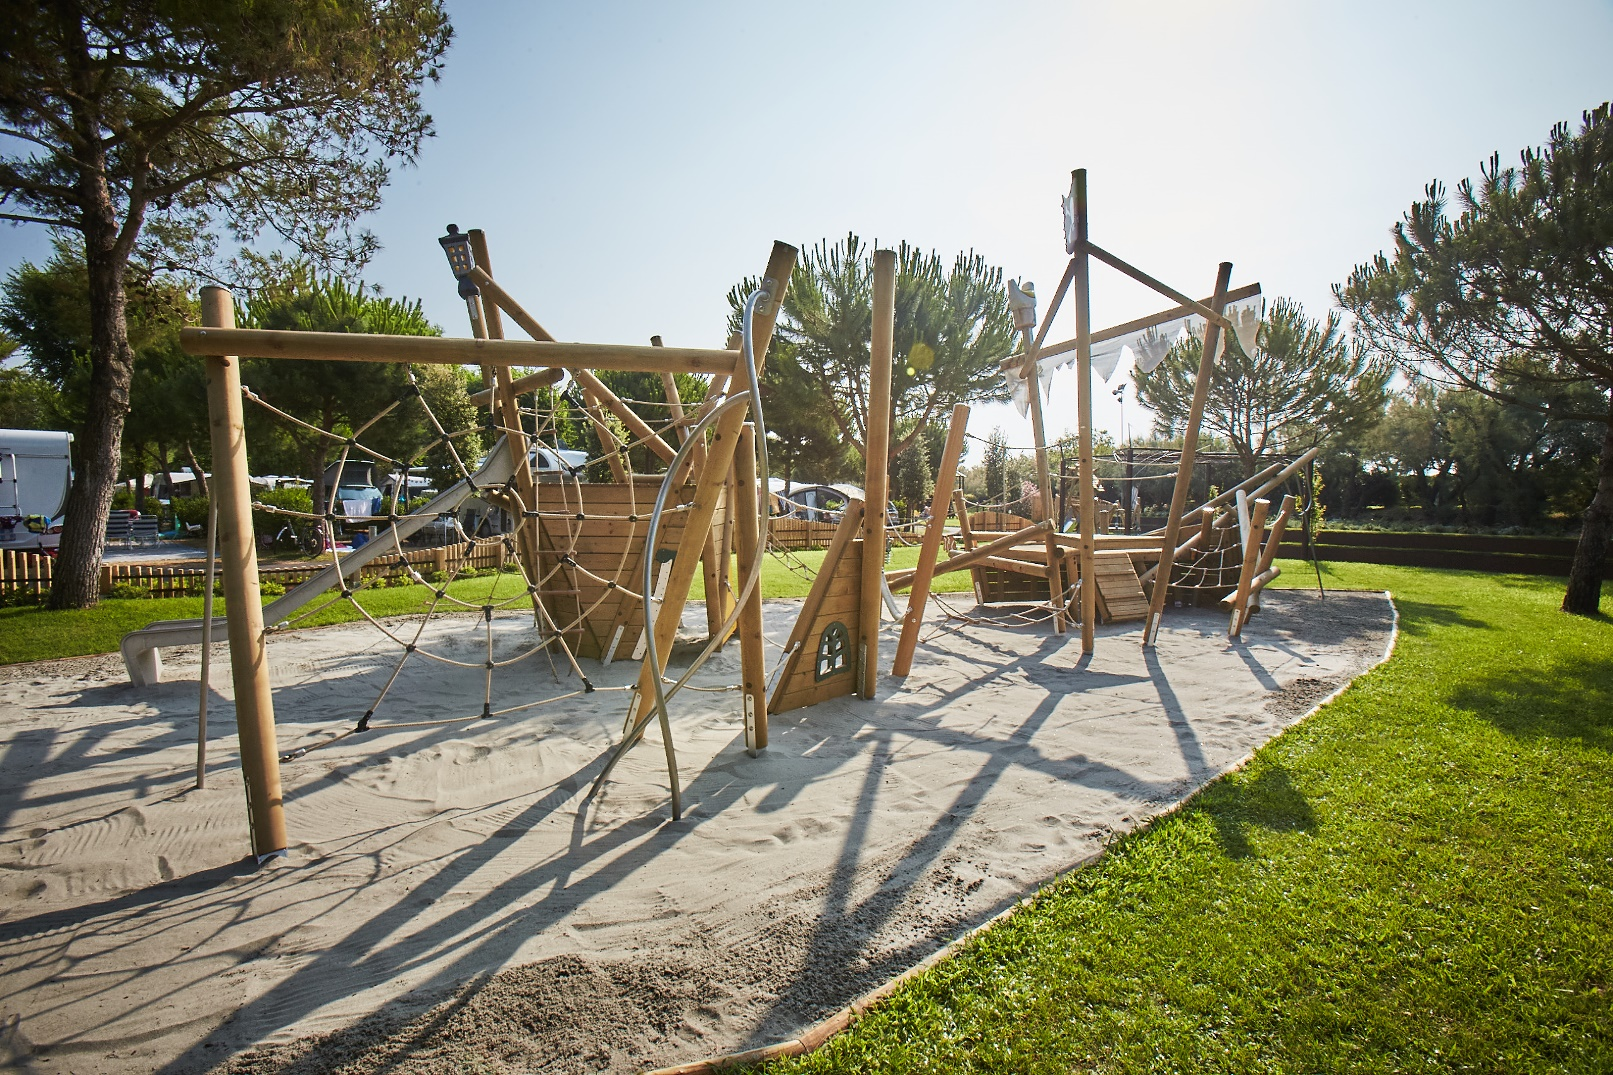 1 Parco giochi bambini Camping Village Dei Fiori - Cavallino Treporti